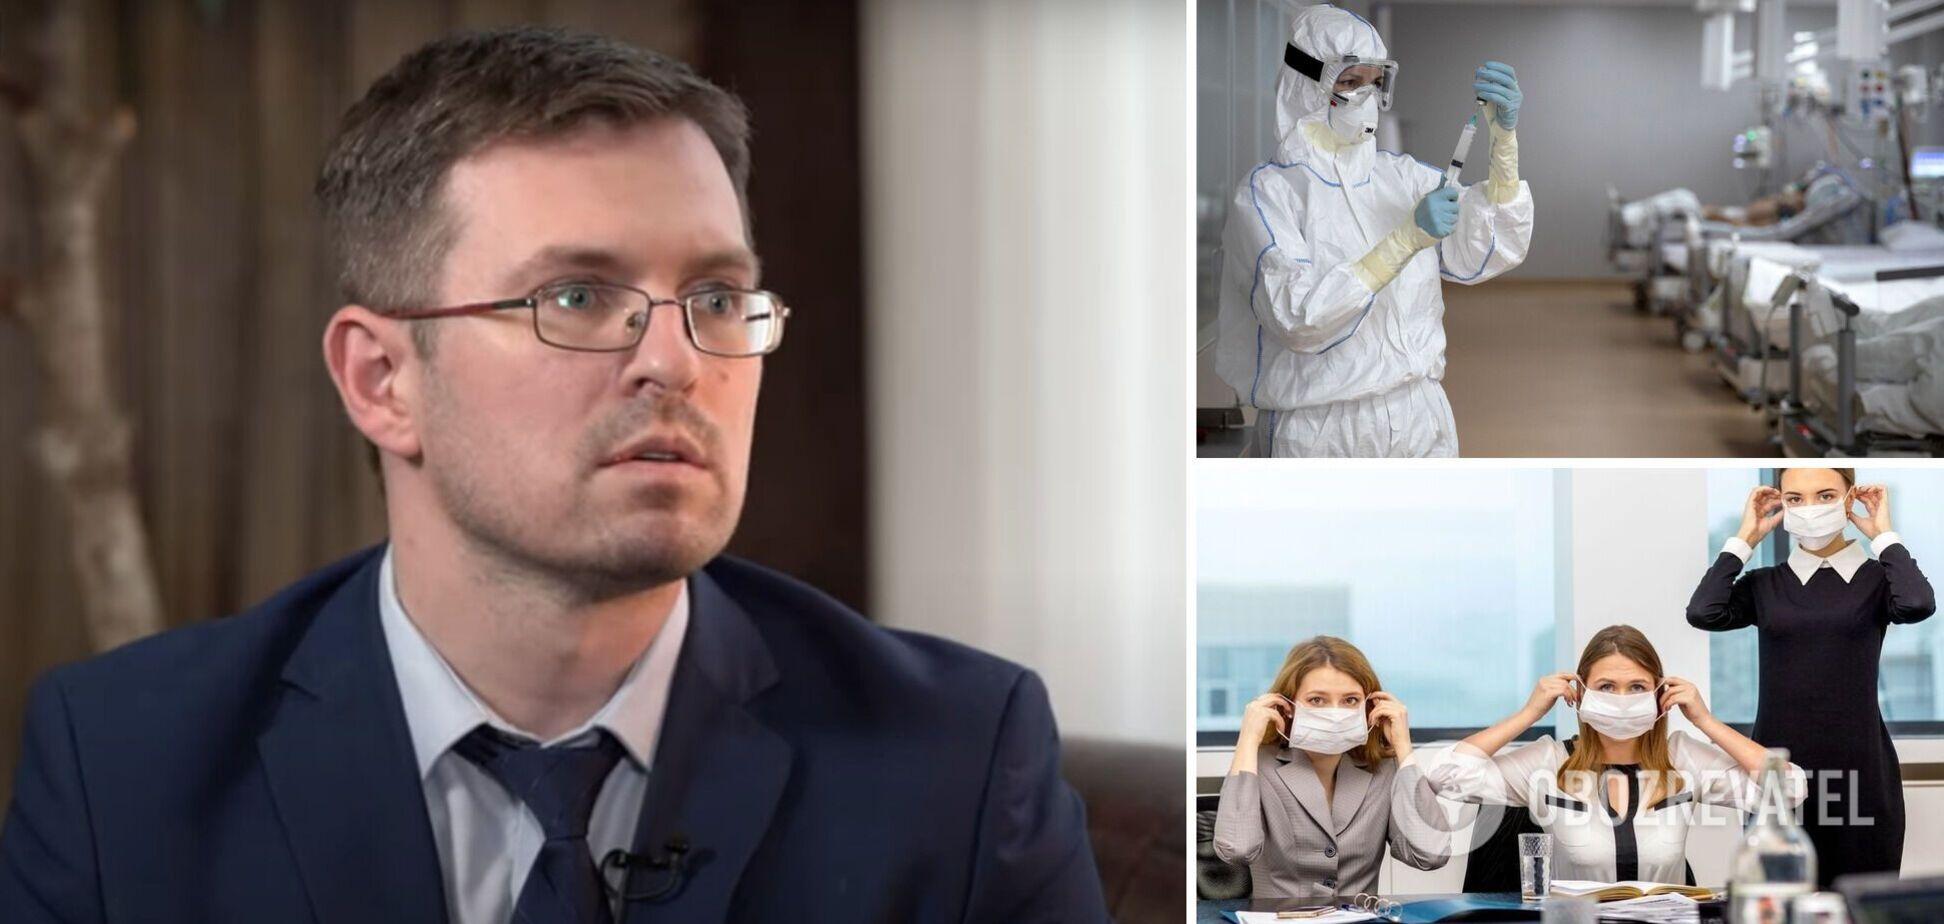 Скільки триватиме пандемія COVID-19 і коли скасують масковий режим: Кузін озвучив прогноз